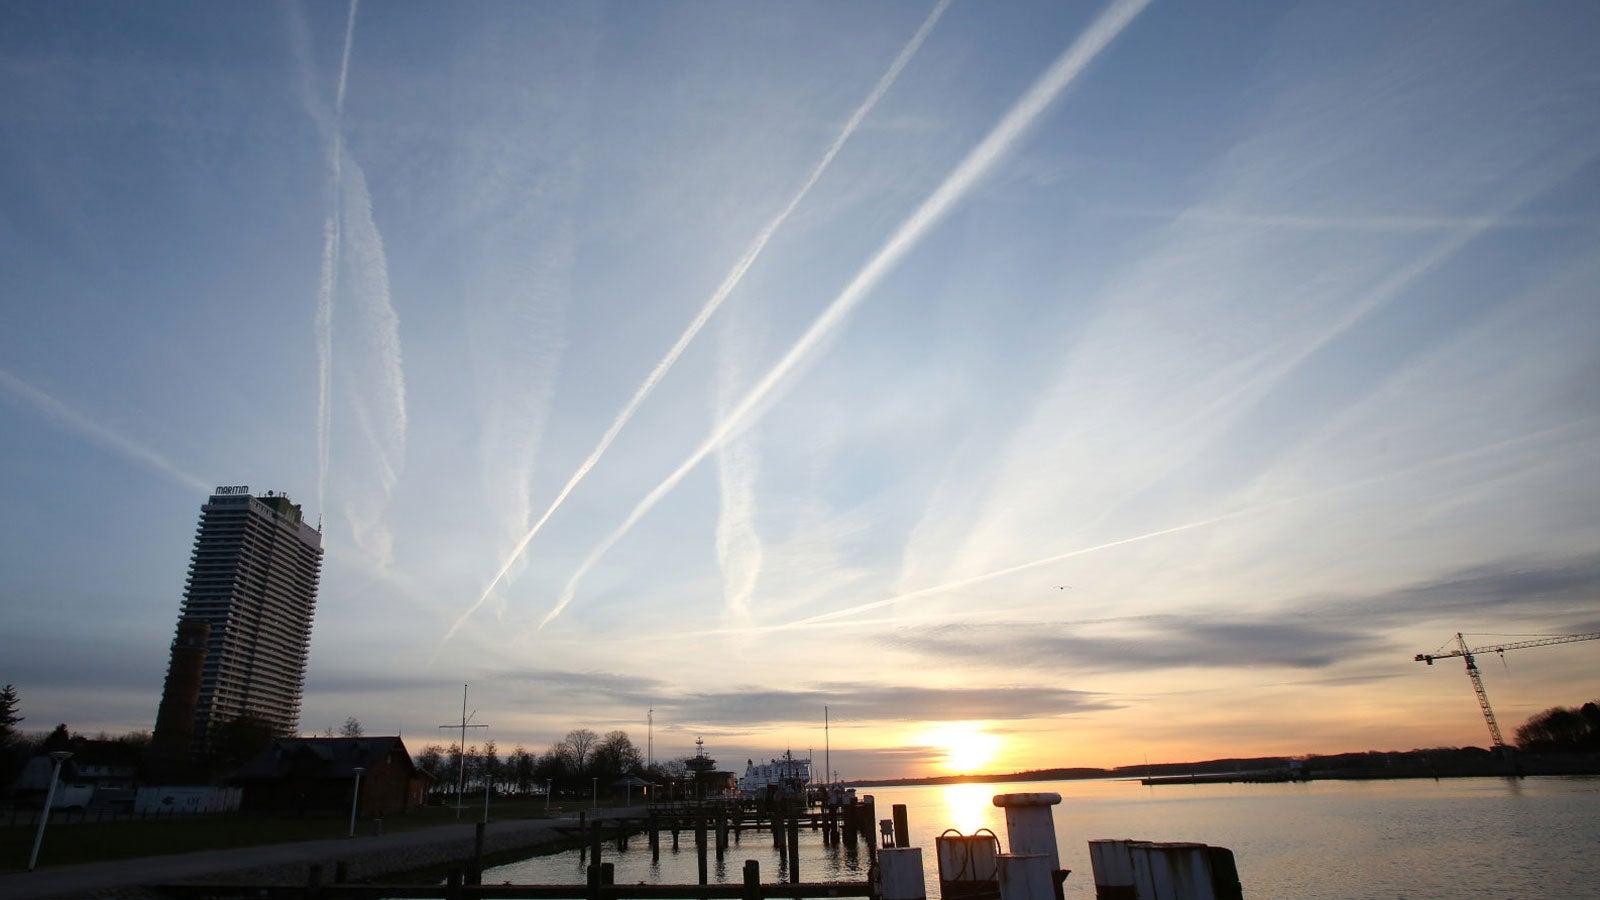 Kondensstreifen: So entstehen die künstlichen Wolken